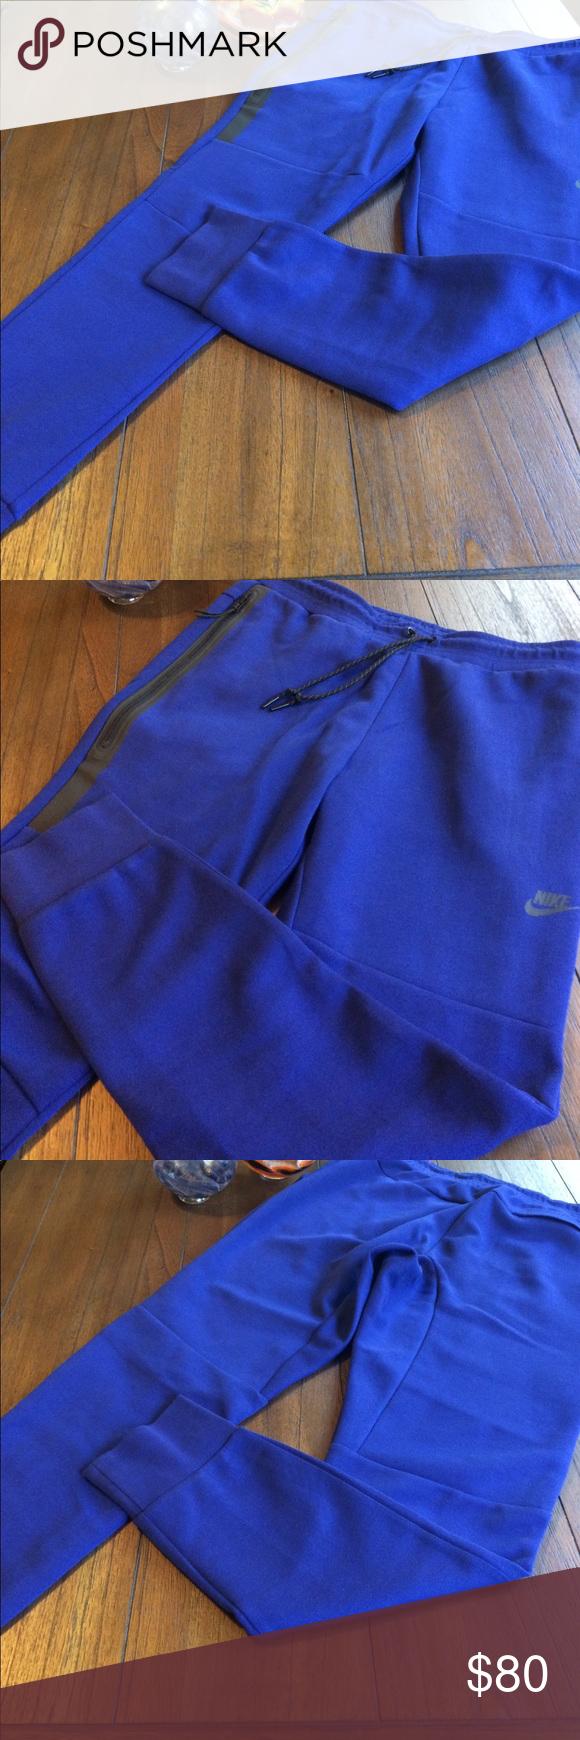 NWOT Nike Sportswear Tech Fleece Joggers Fleece joggers